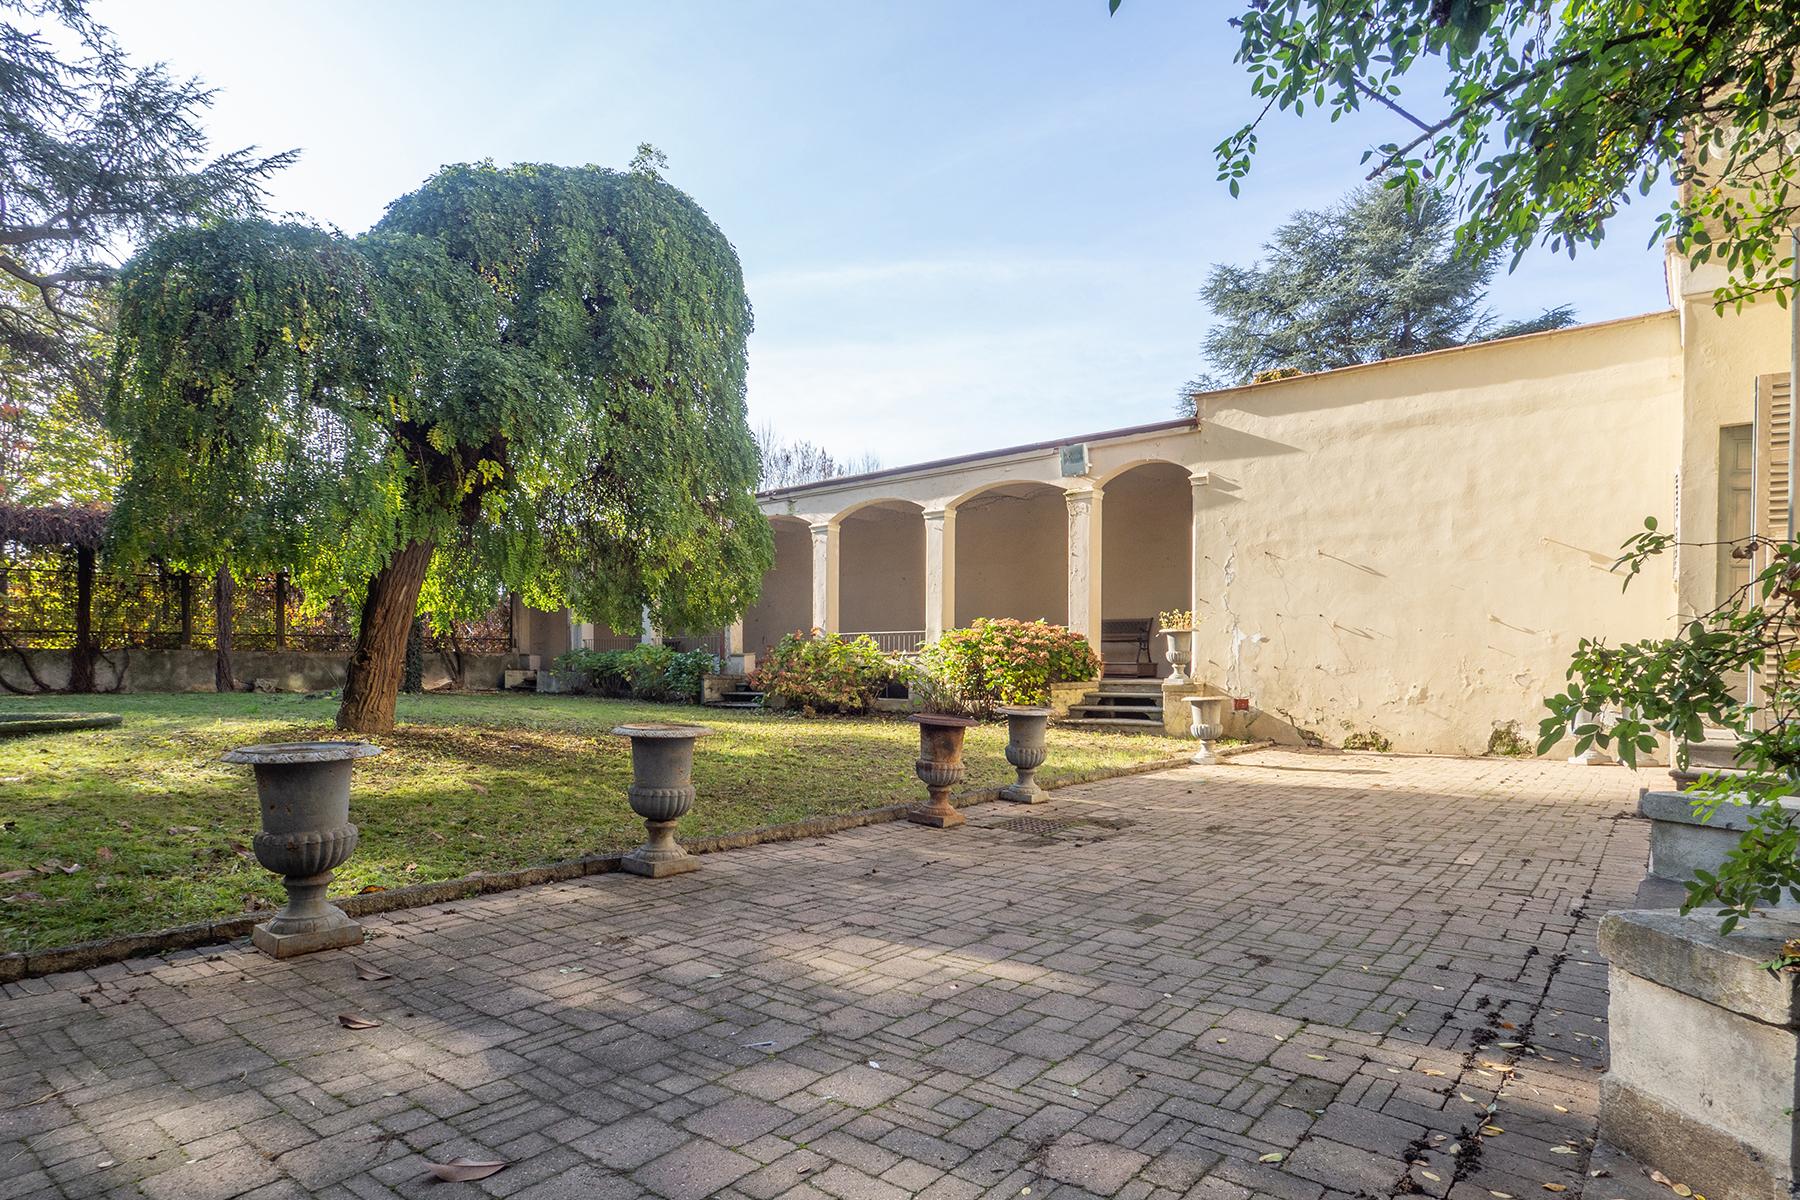 Palazzo in Vendita a Poirino: 5 locali, 800 mq - Foto 18